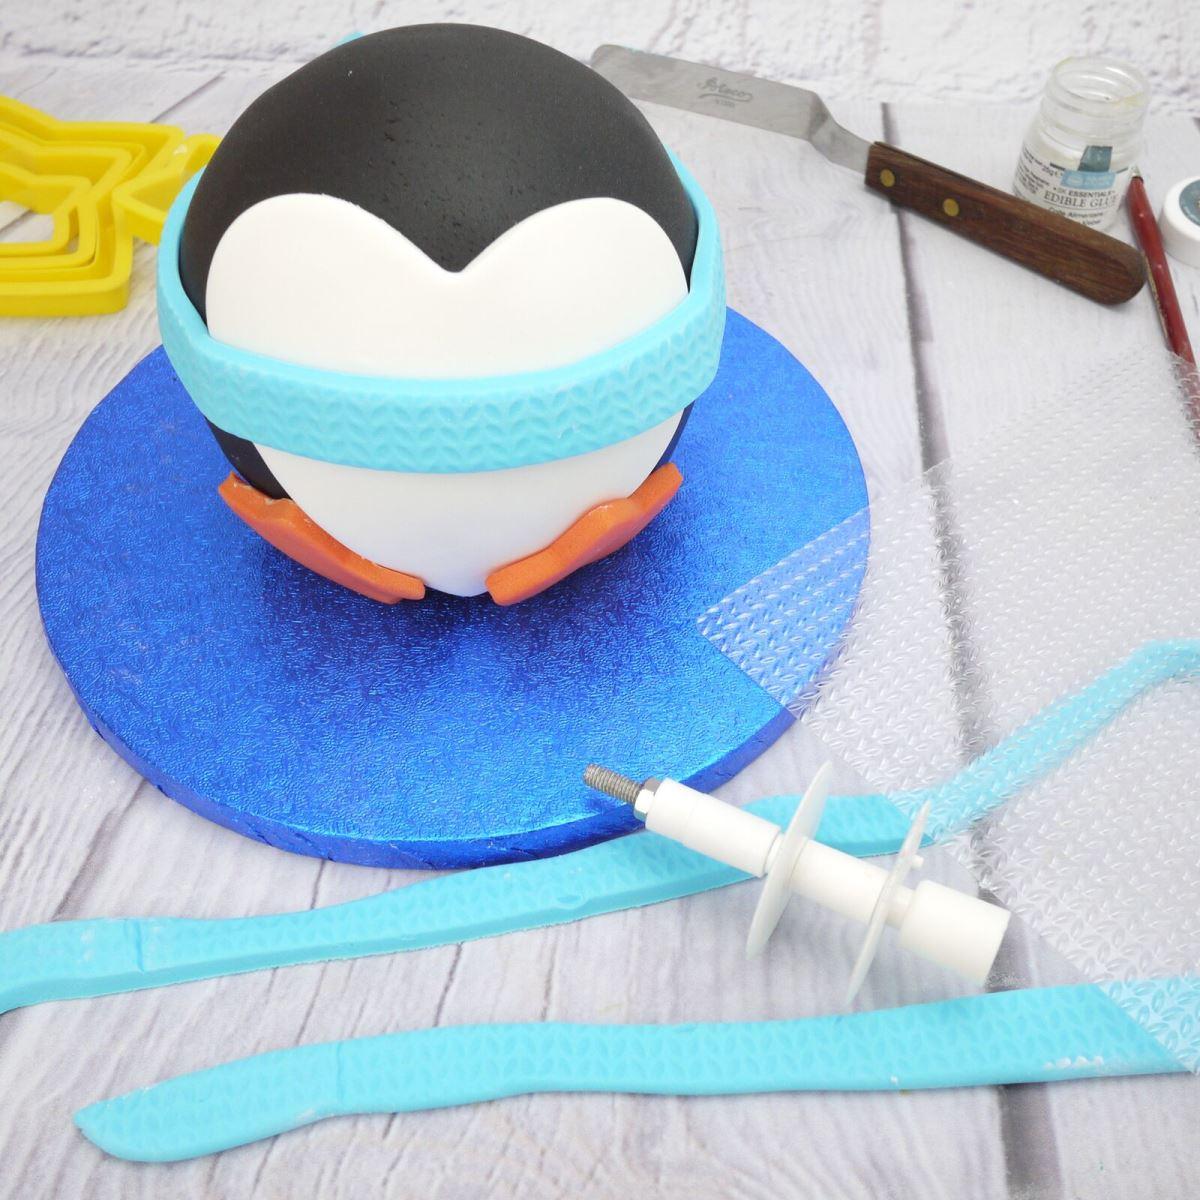 Penguin cake step 4